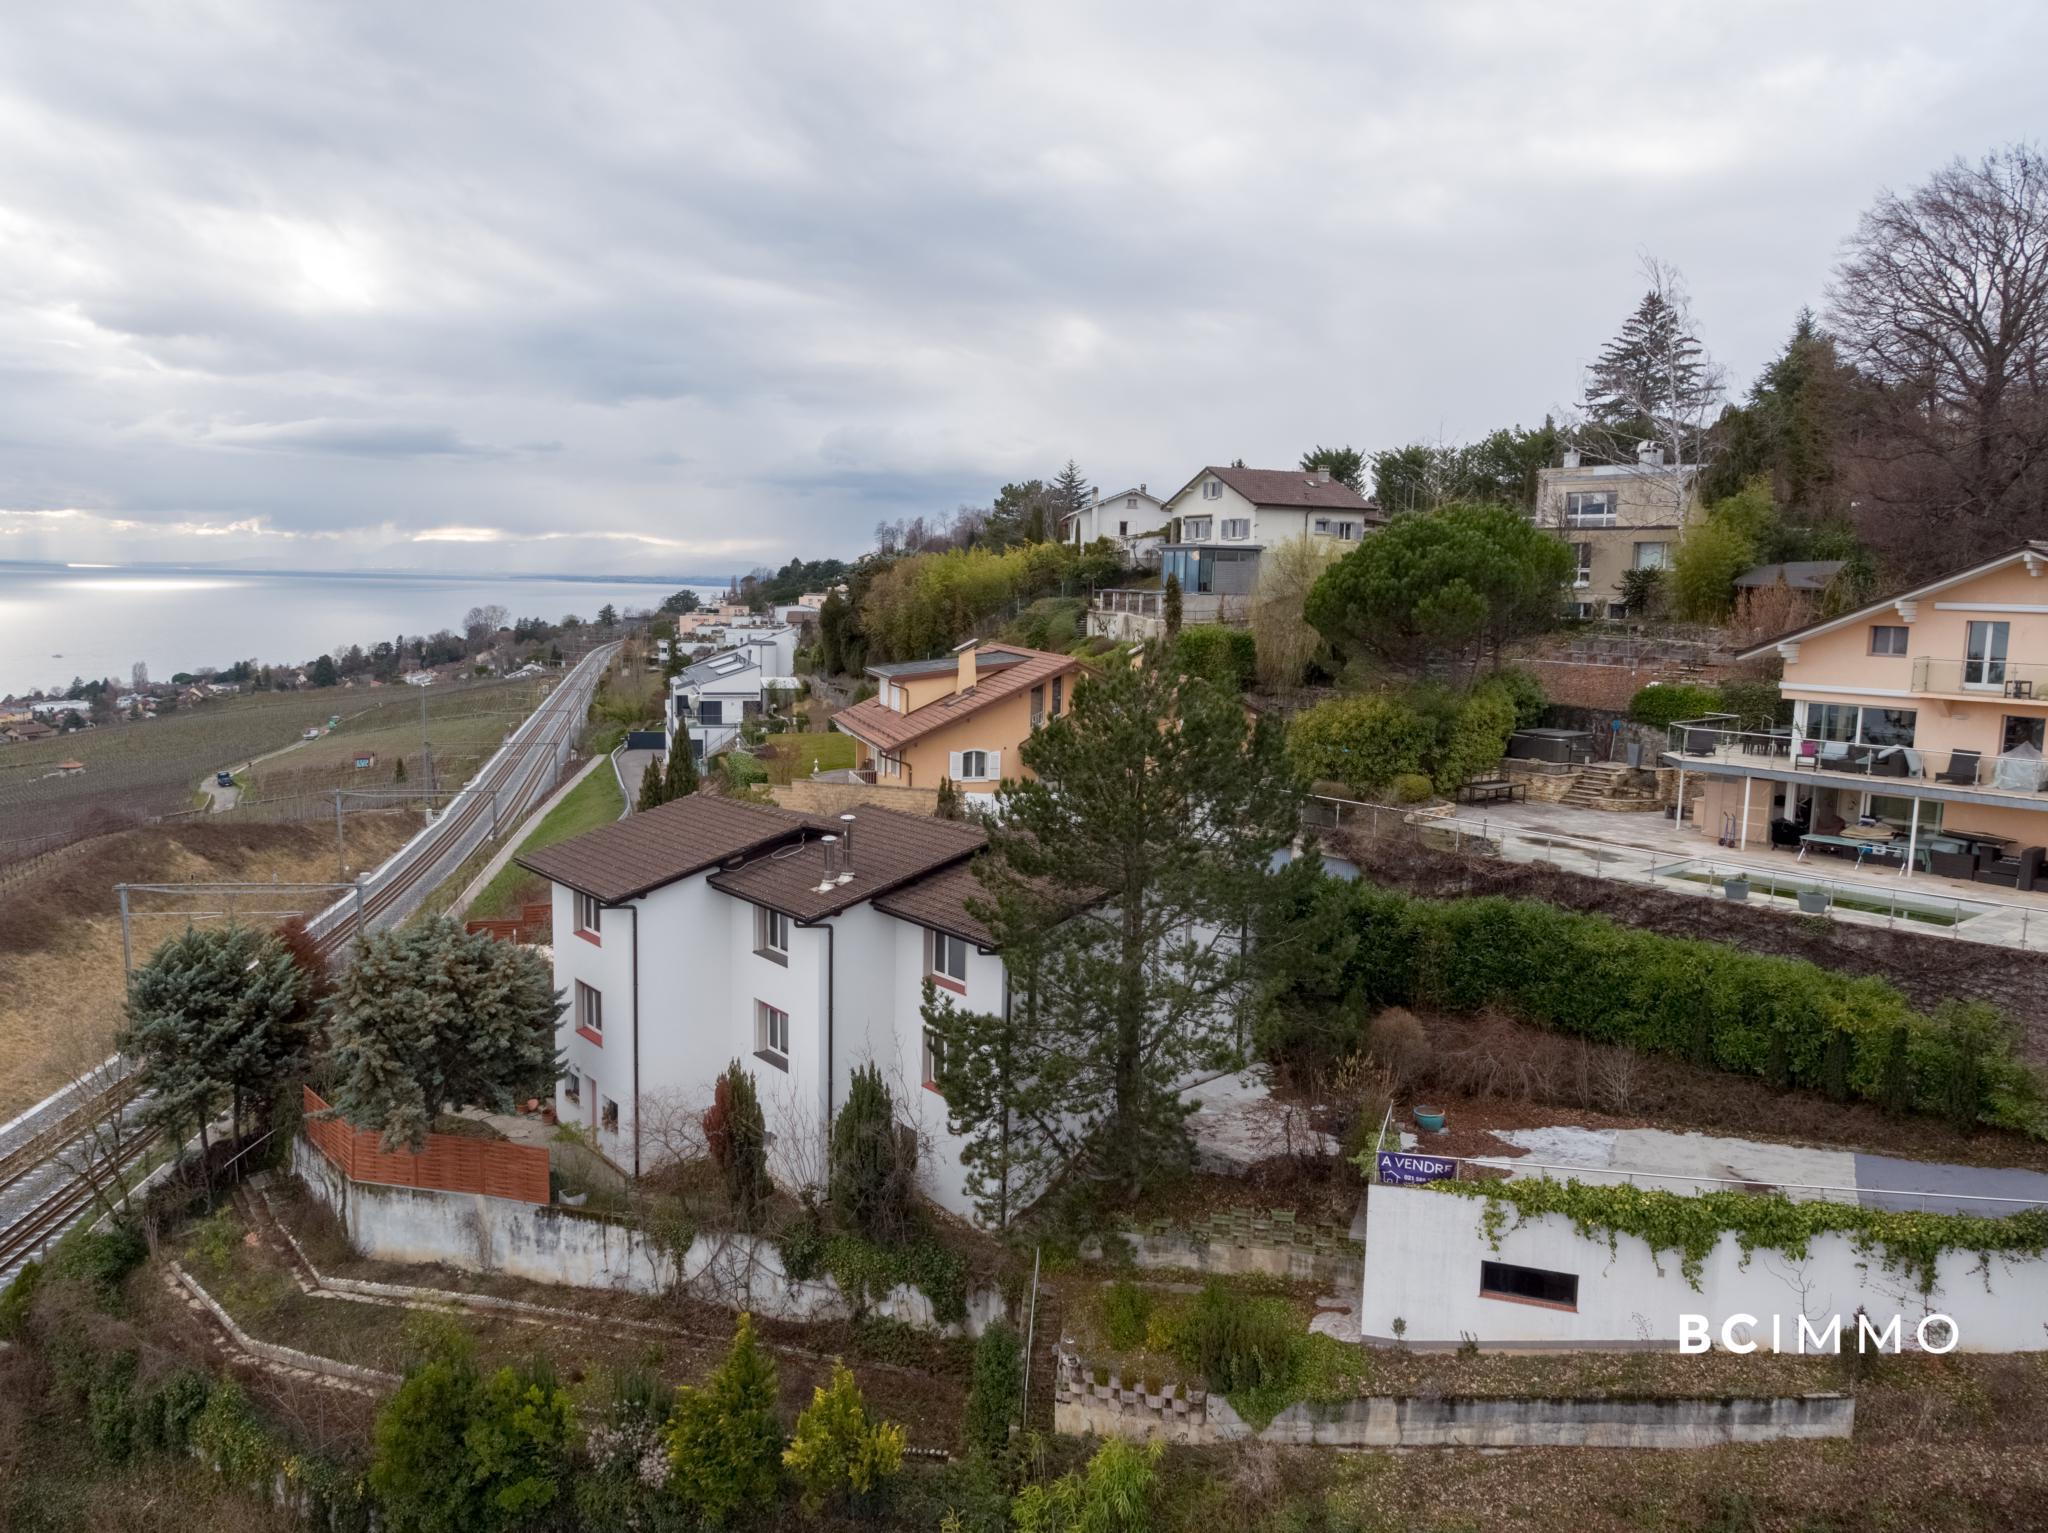 BC Immo - Grande villa avec une vue panoramique - 1093CJV2HB